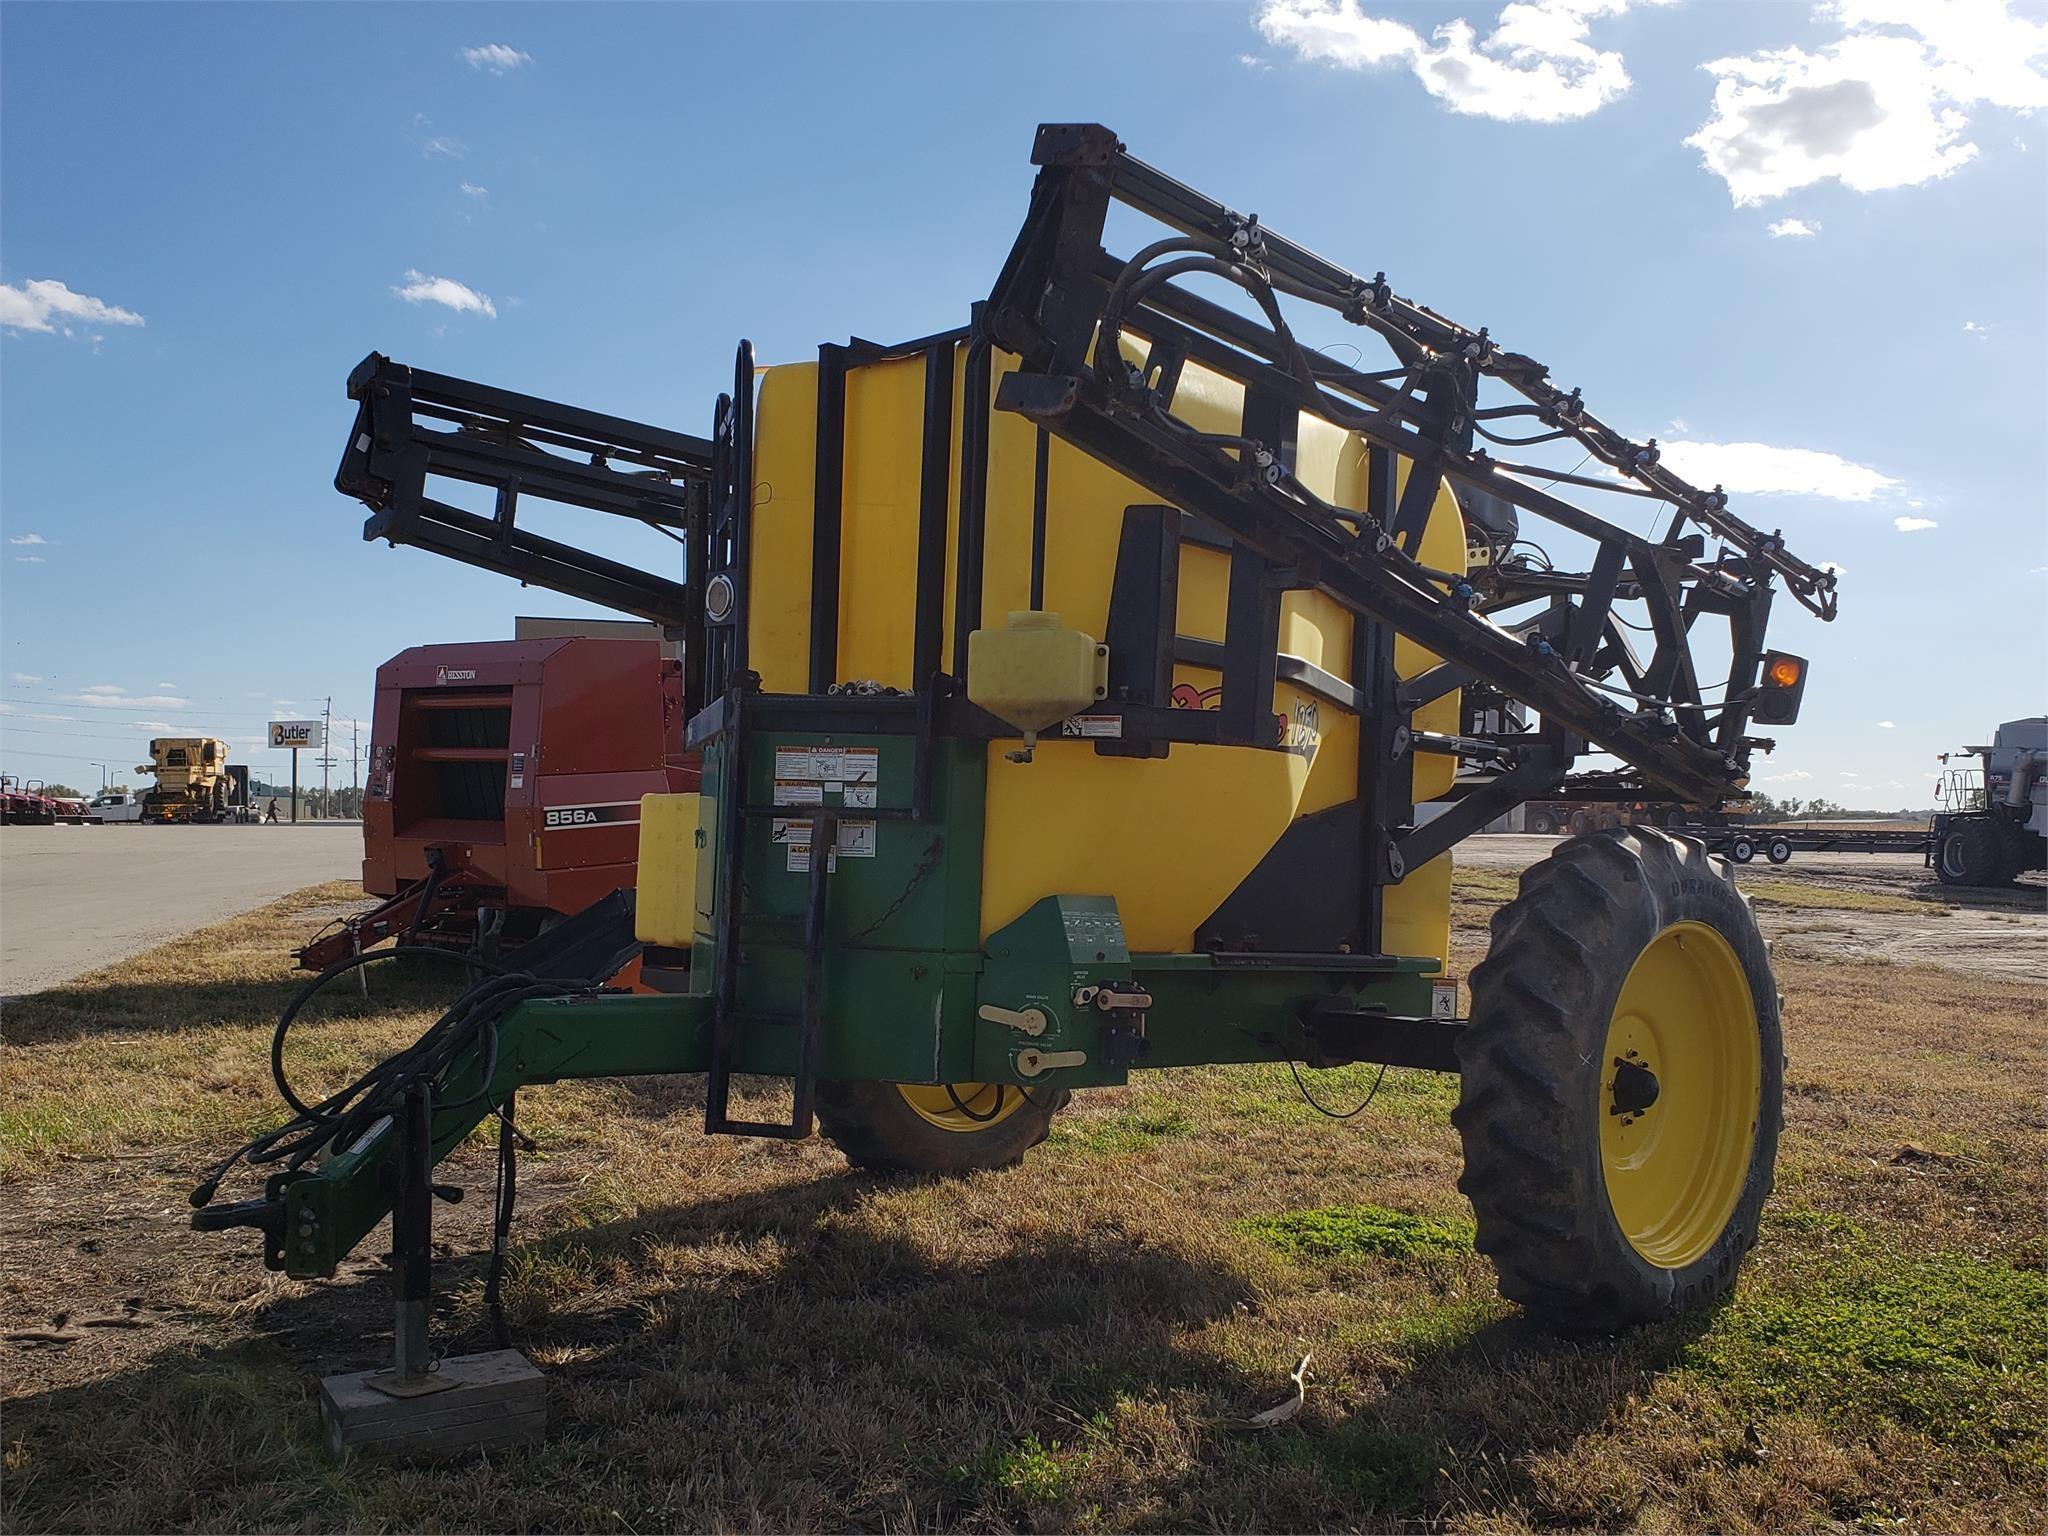 2008 Demco 1250 Pull-Type Sprayer